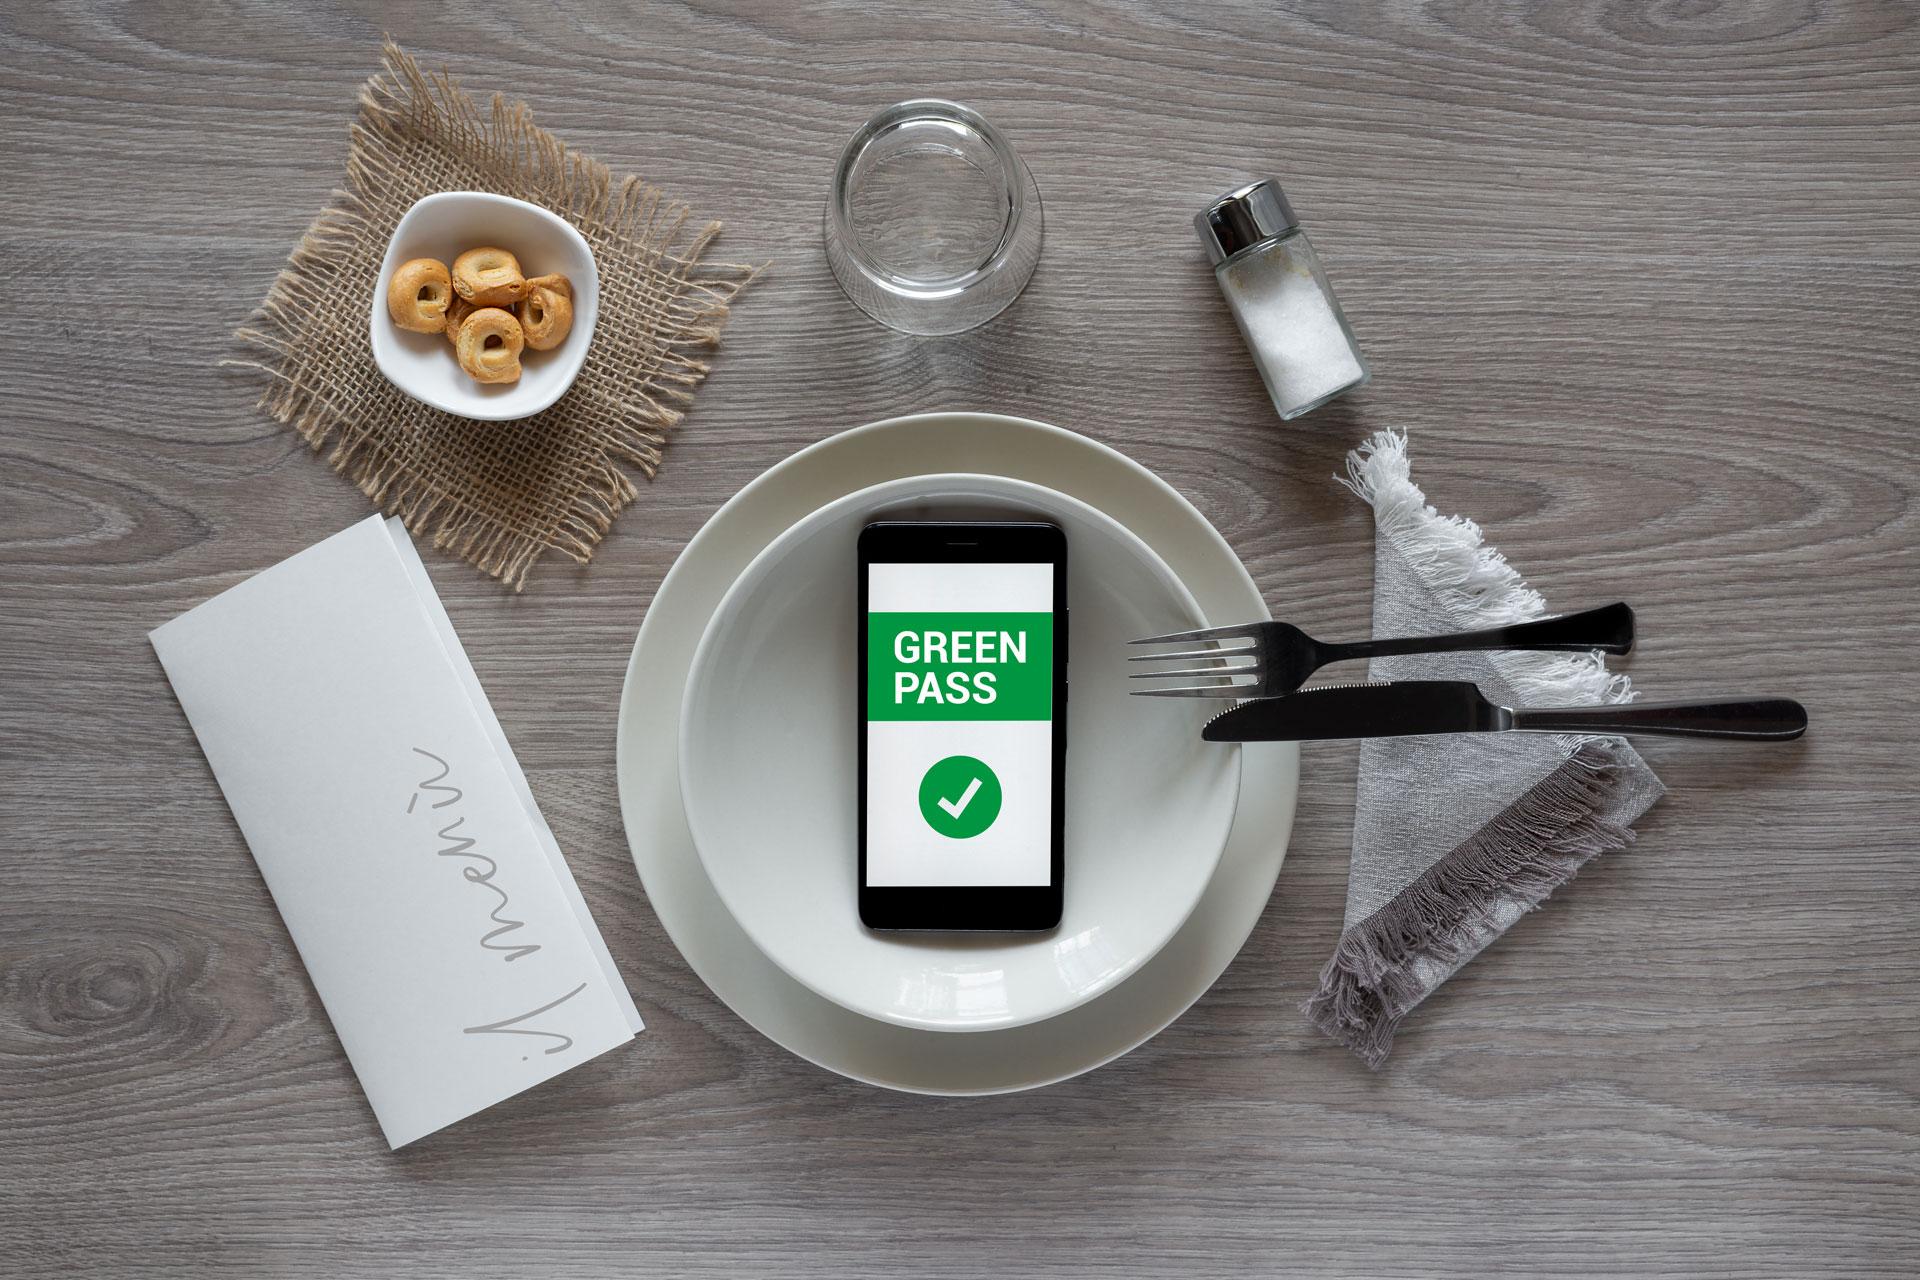 Green pass e ristorazione